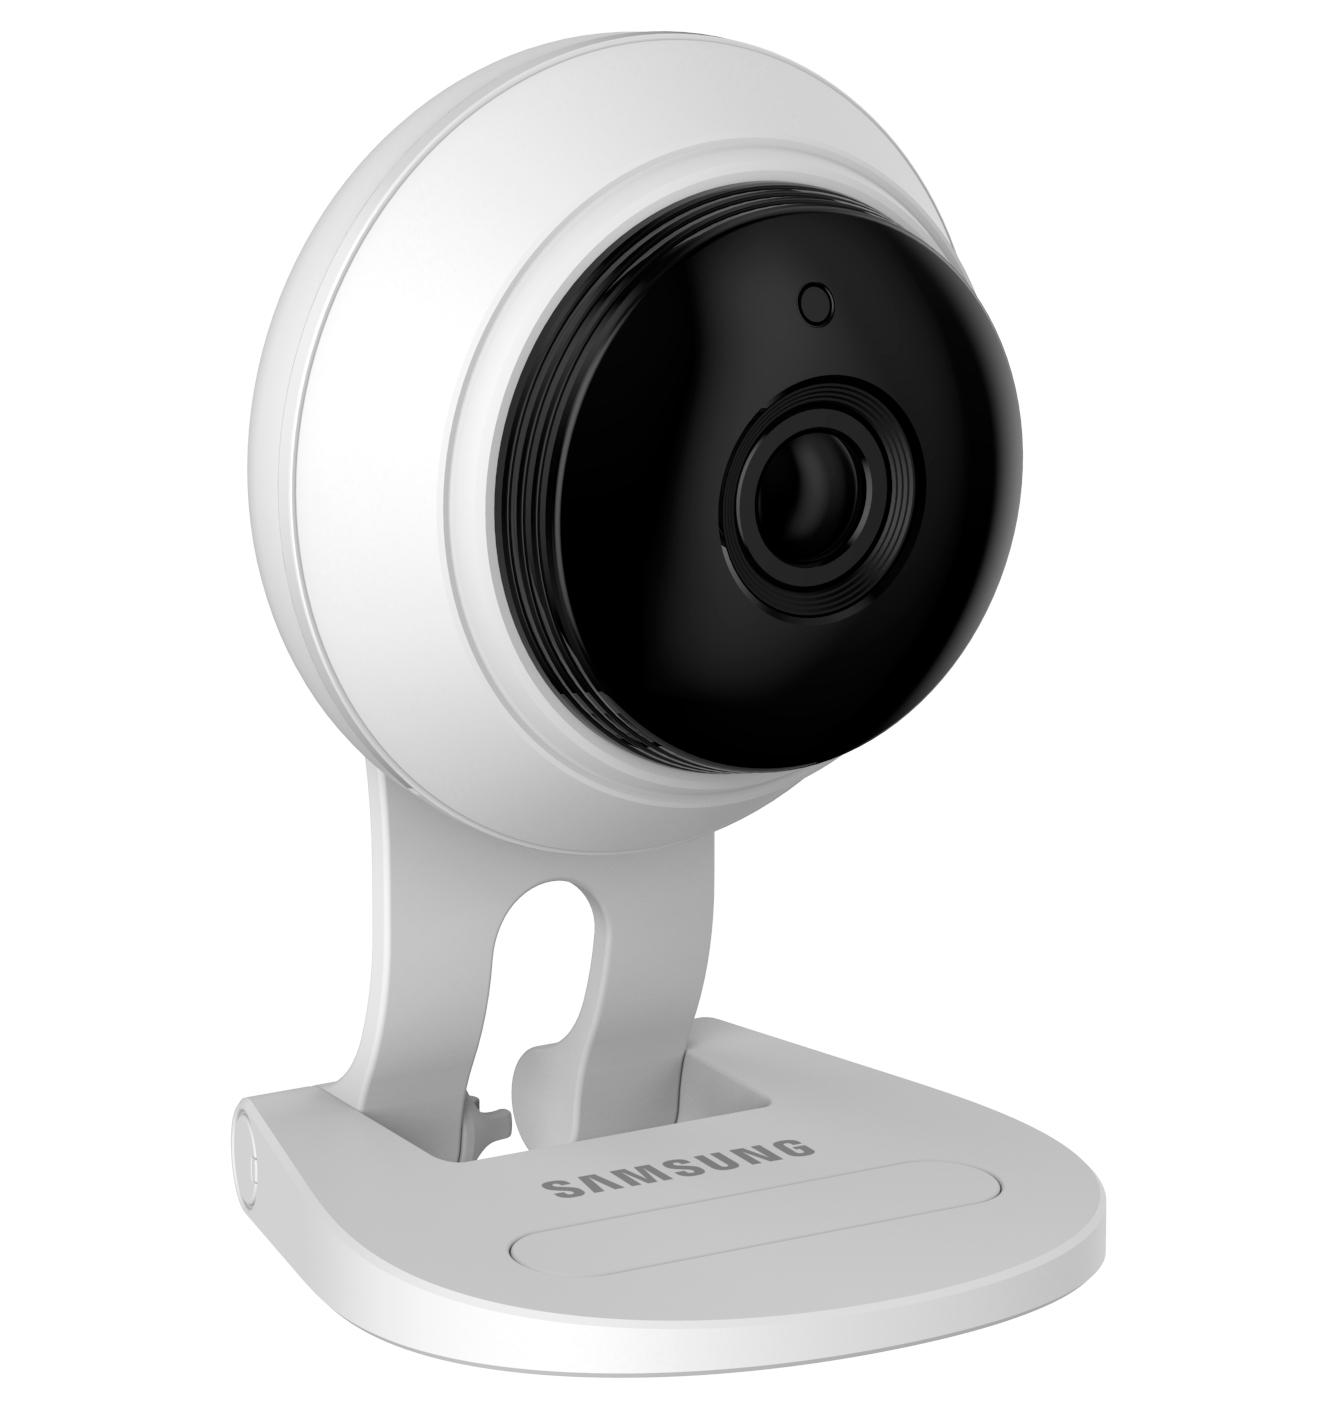 Радио и видеоняни Samsung Видеоняня Samsung SmartCam SNH-C6417BN с Wi-Fi стоимость